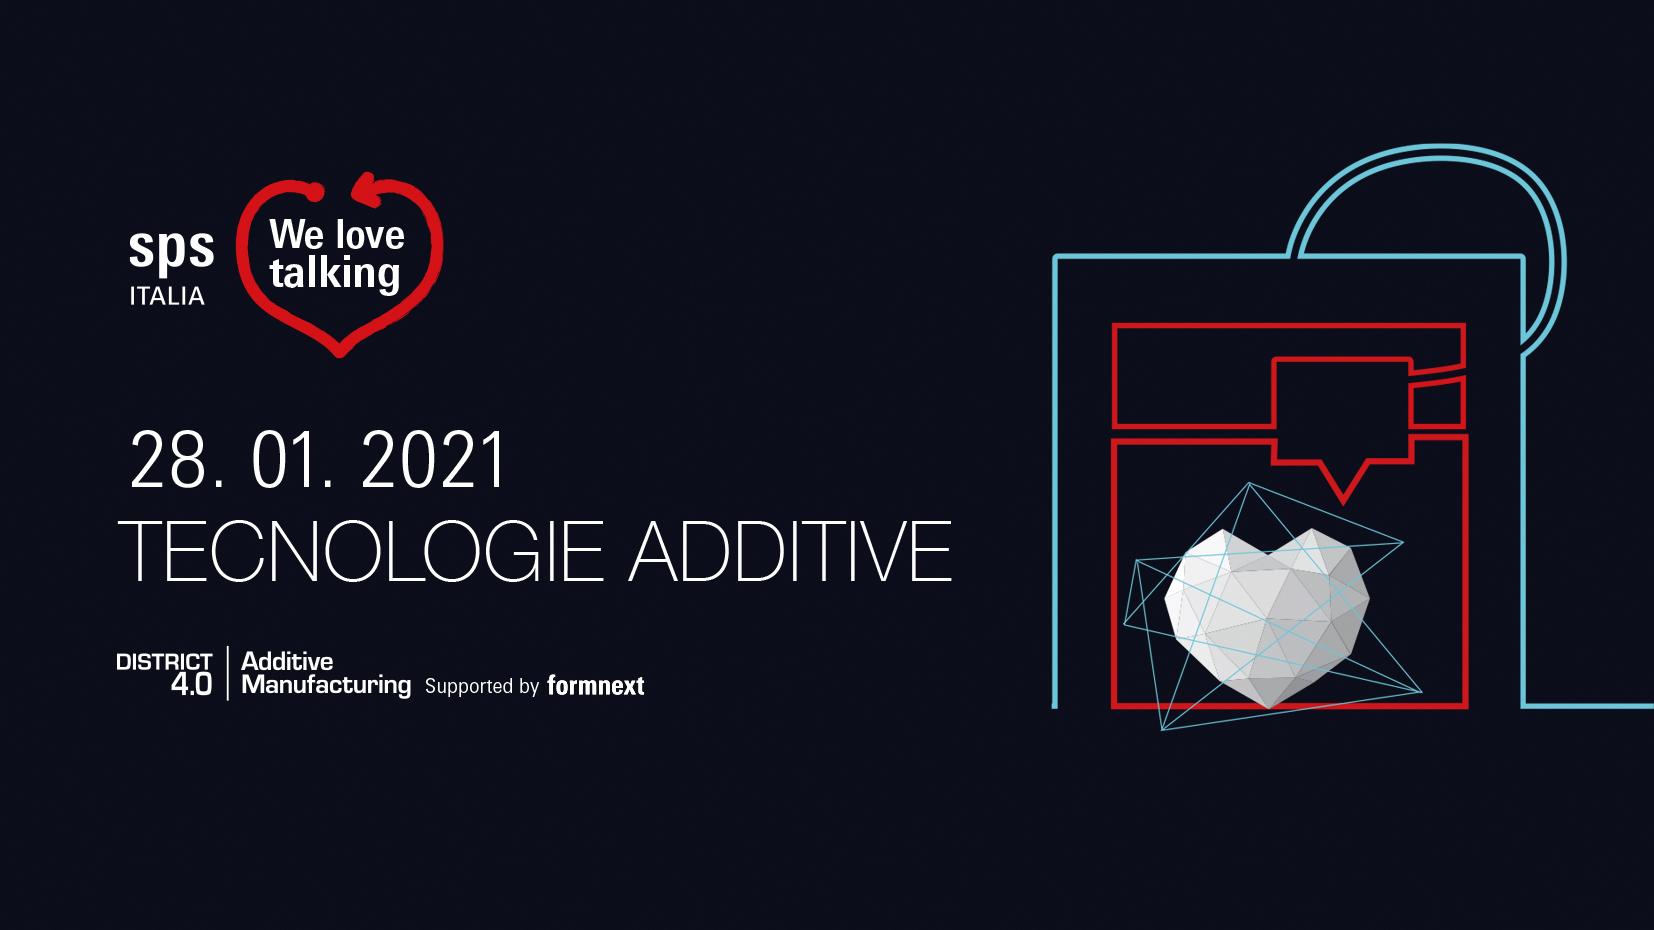 We Love Talking - Lo stato dell'arte delle tecnologie additive per il digital manufacturing. Uno studio di settore